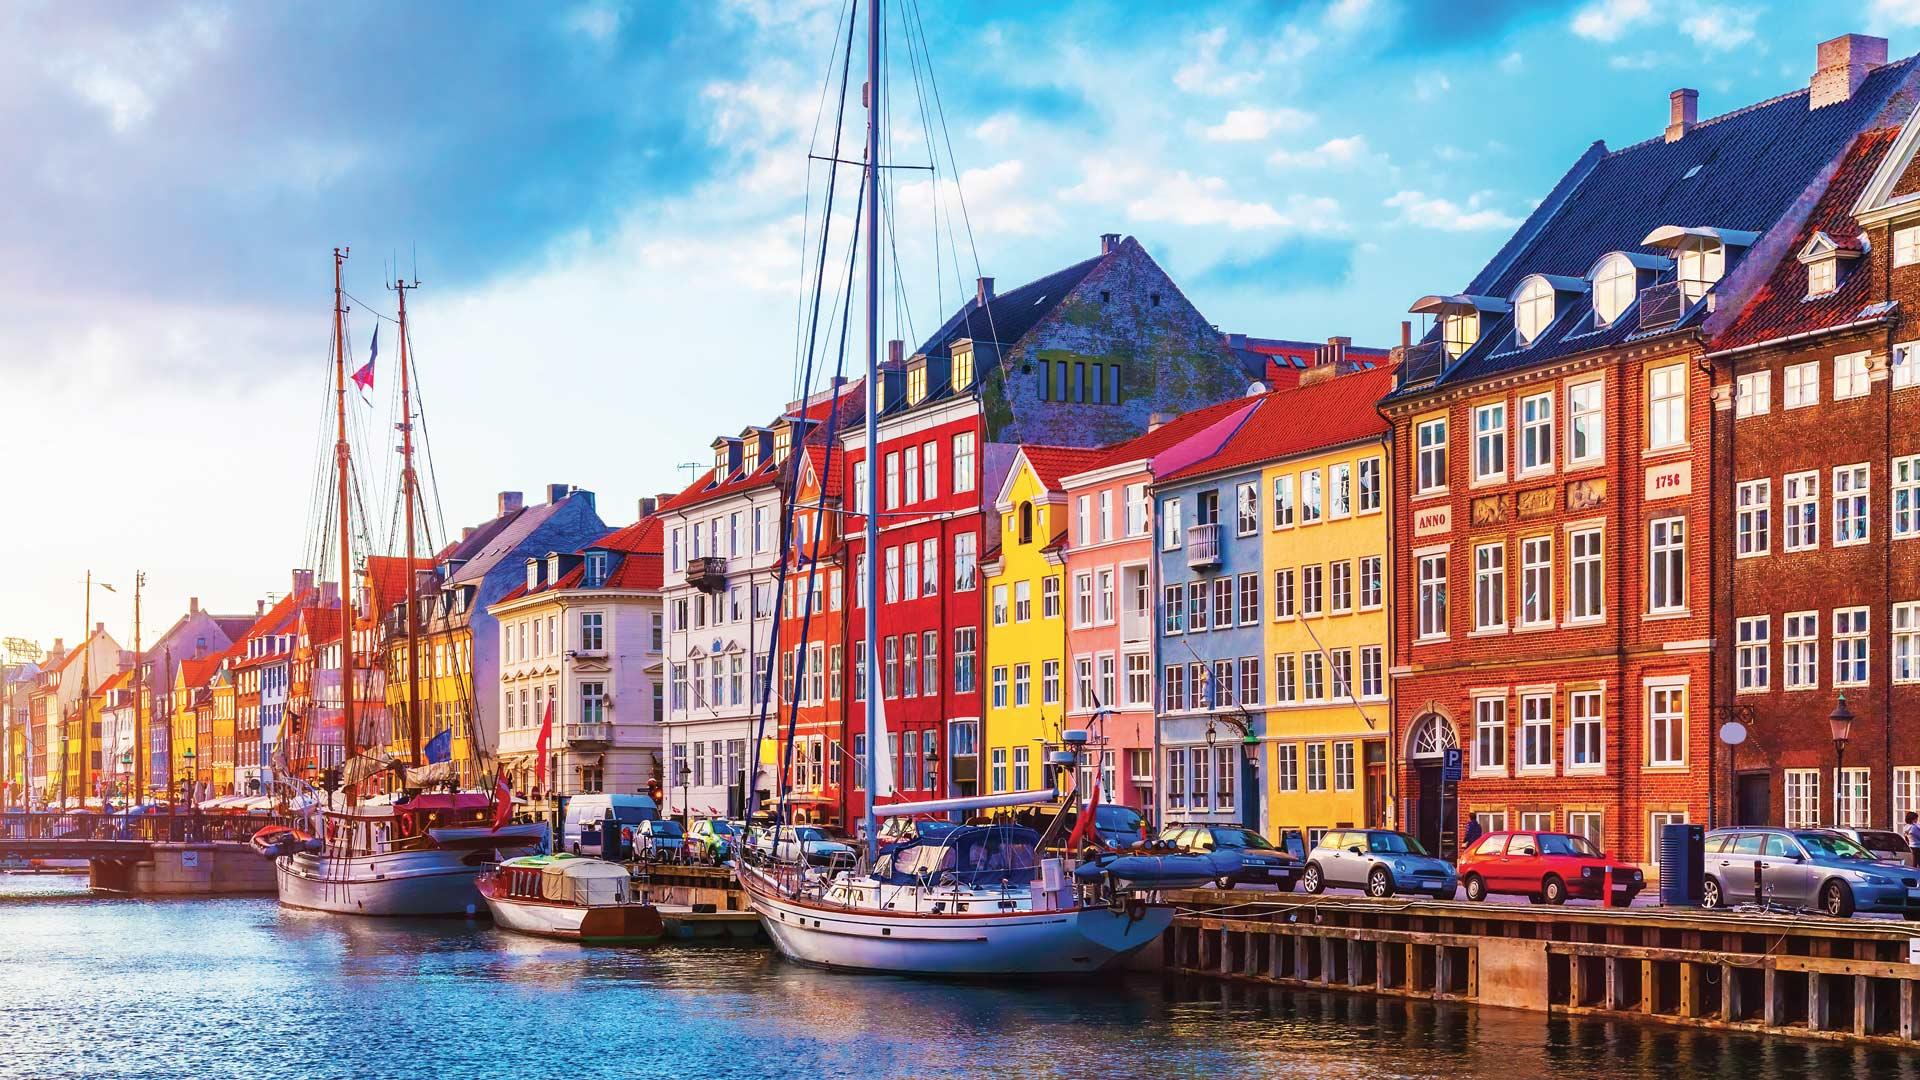 Croisière sur la mer Baltique